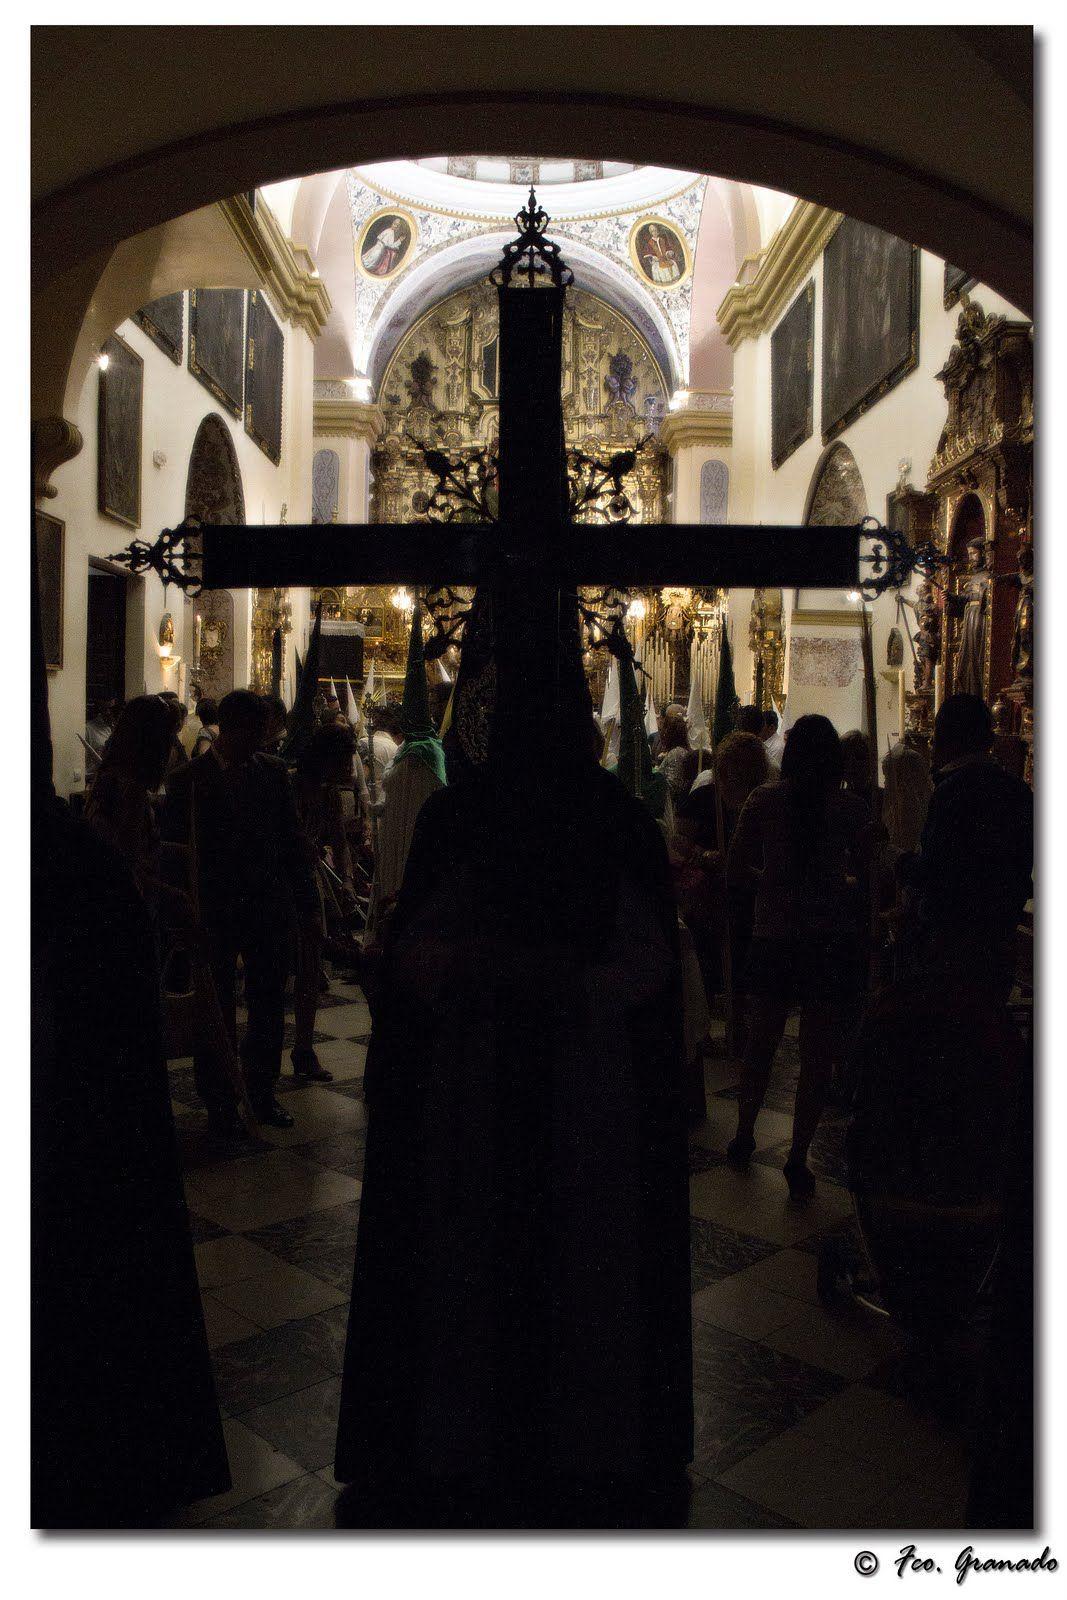 Imágenes Cofrades Fran Granado: Domingo de Ramos en Arahal 2011 Sagrada Entrada en...